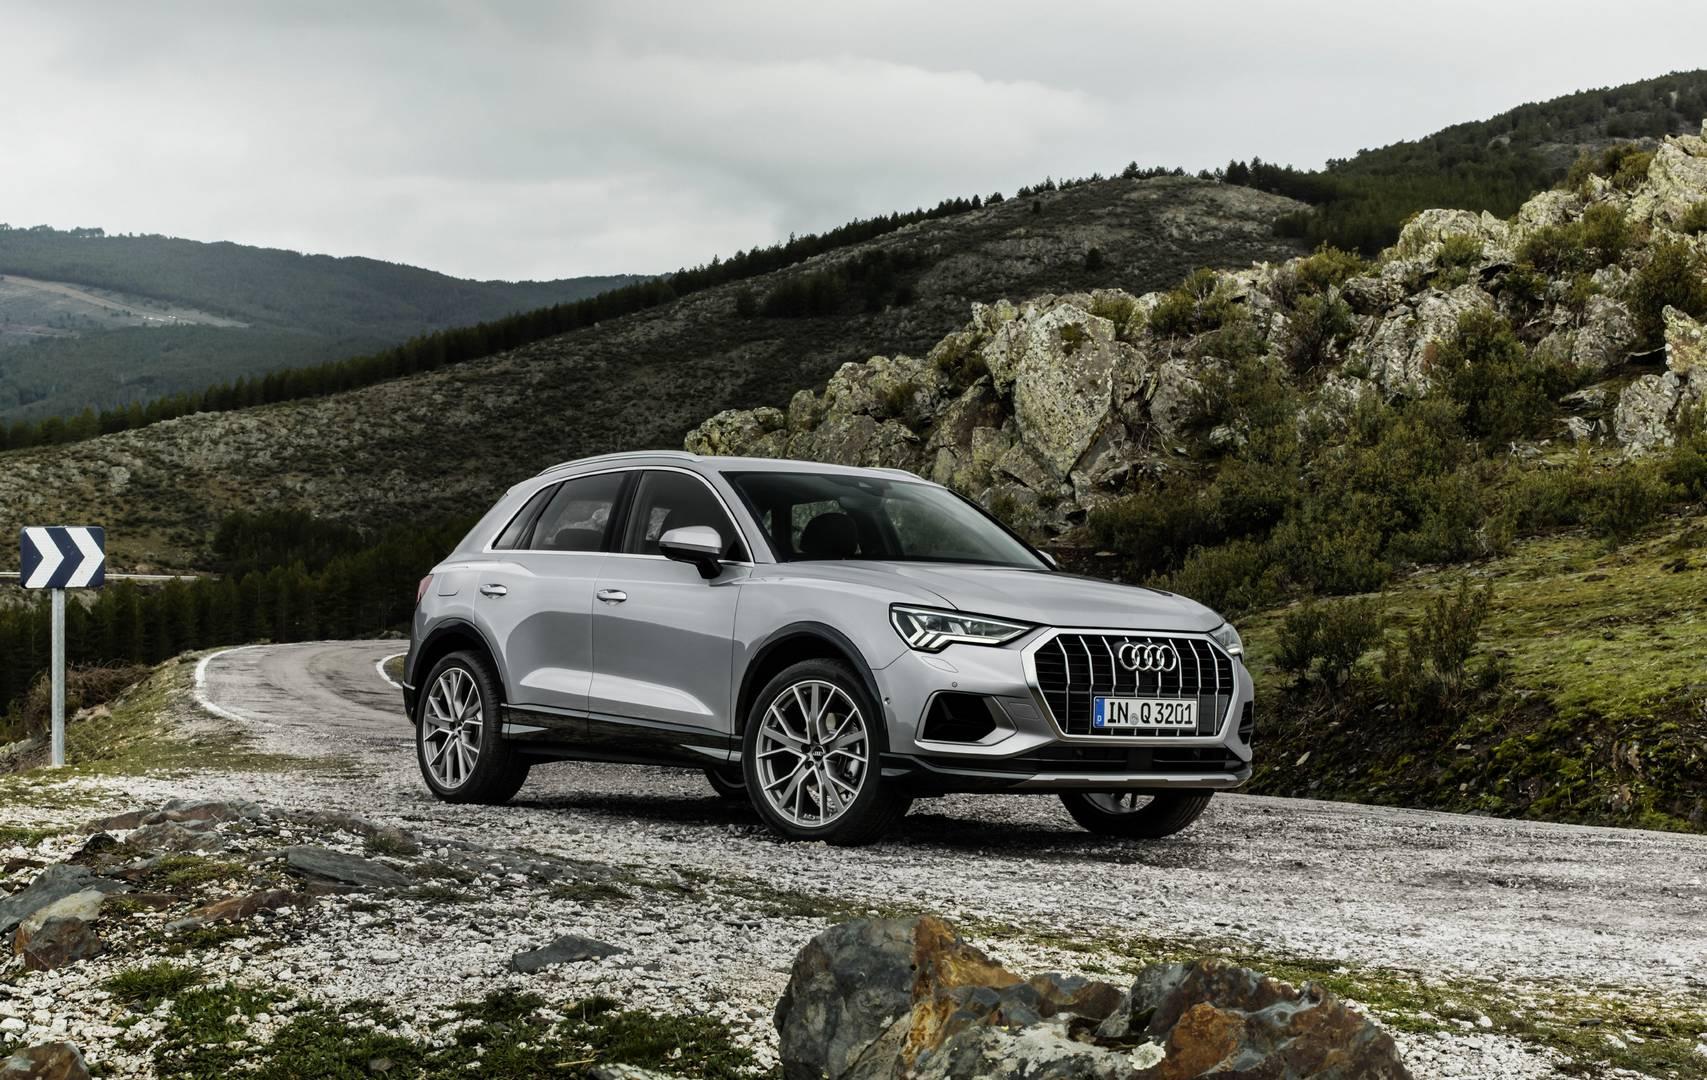 Kelebihan Kekurangan Audi Q3 2019 Top Model Tahun Ini